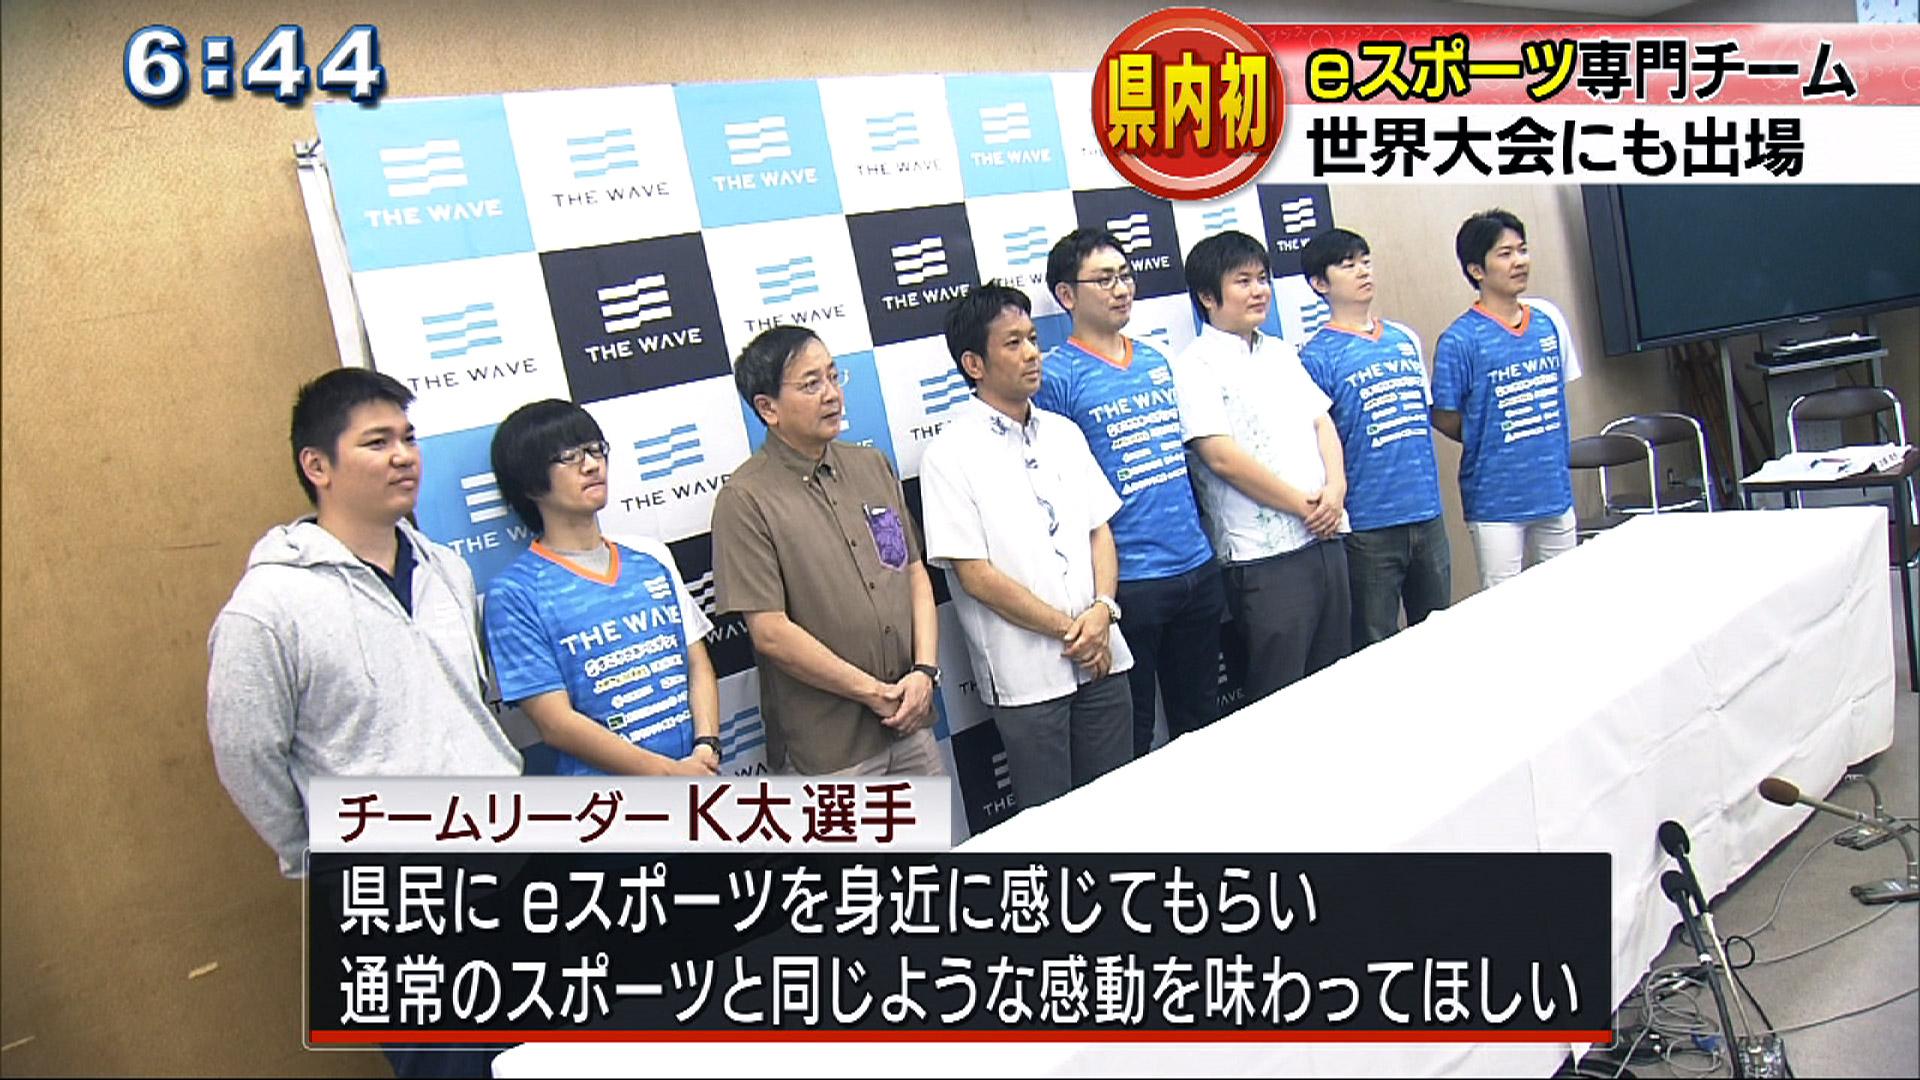 県内初 eスポーツ専門チームが誕生